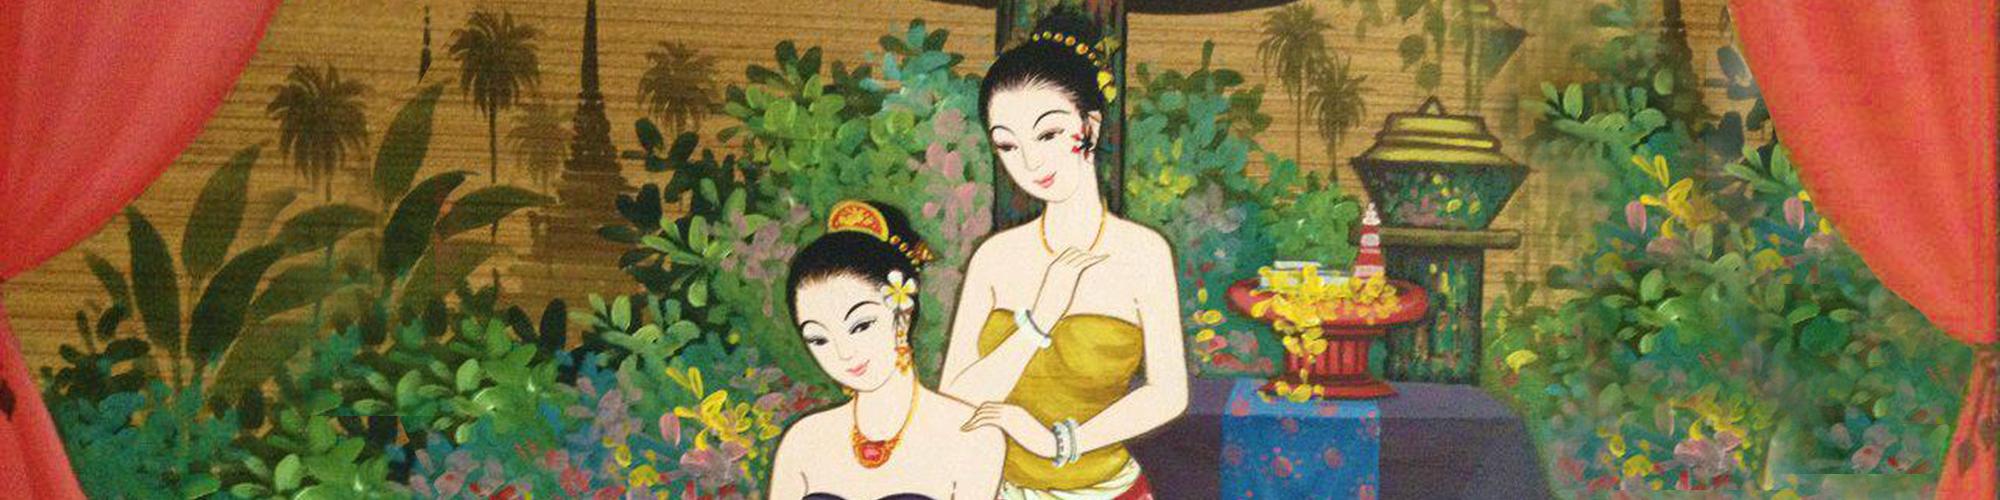 Participe da oficina de massagem e meditação tailandesas na Unibes Cultural